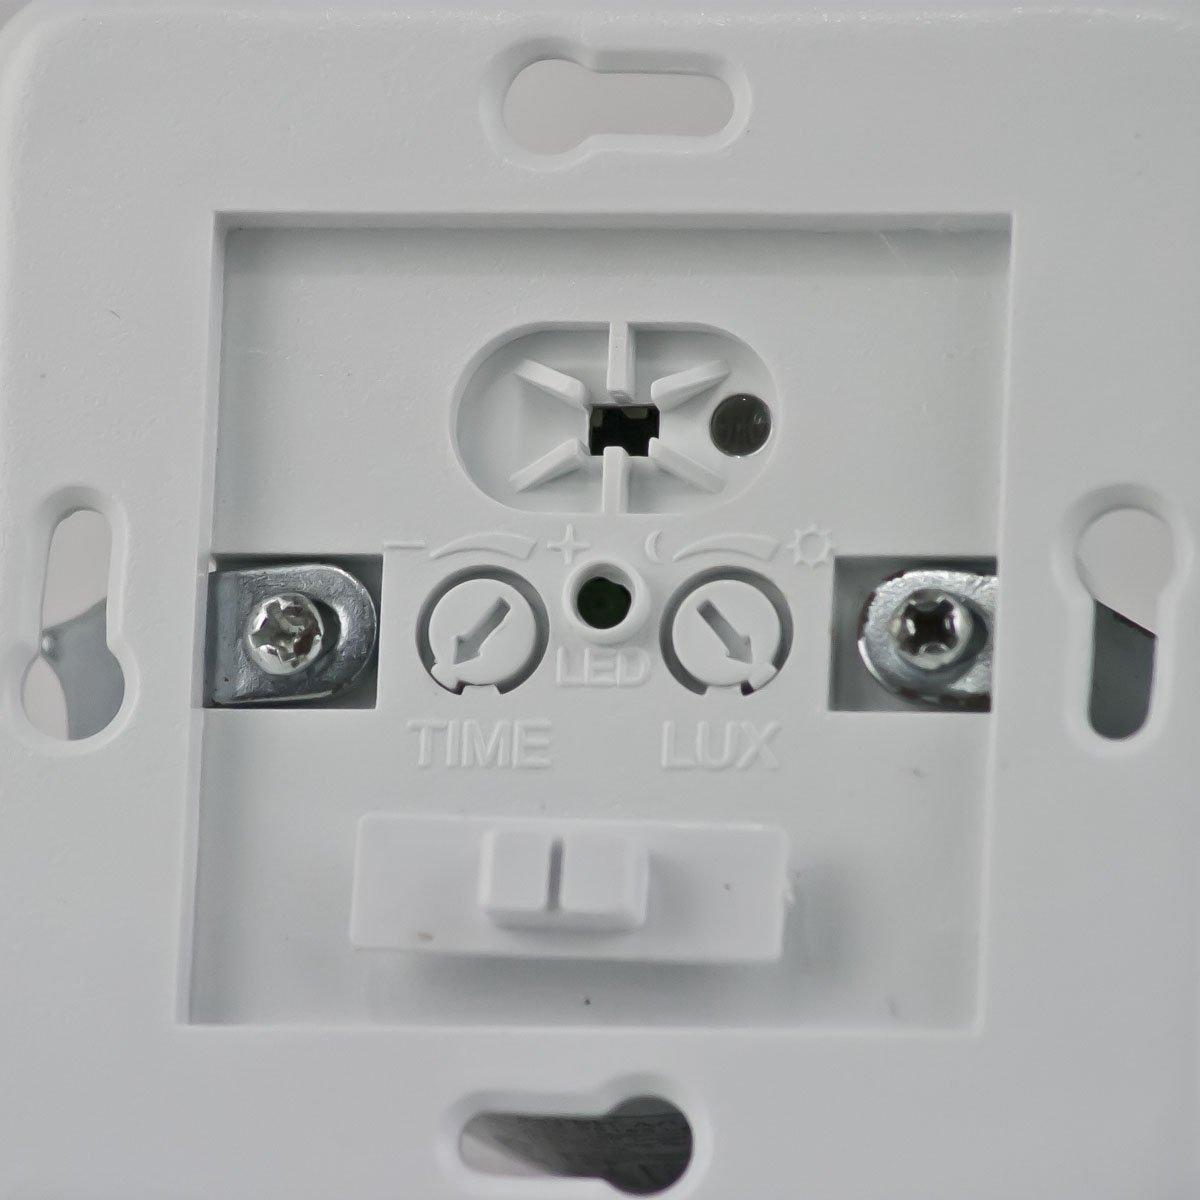 ChiliTec rasante Detector de movimiento PIR 160 ° LED Adecuado, tecnología de alambre 3, color blanco: Amazon.es: Electrónica